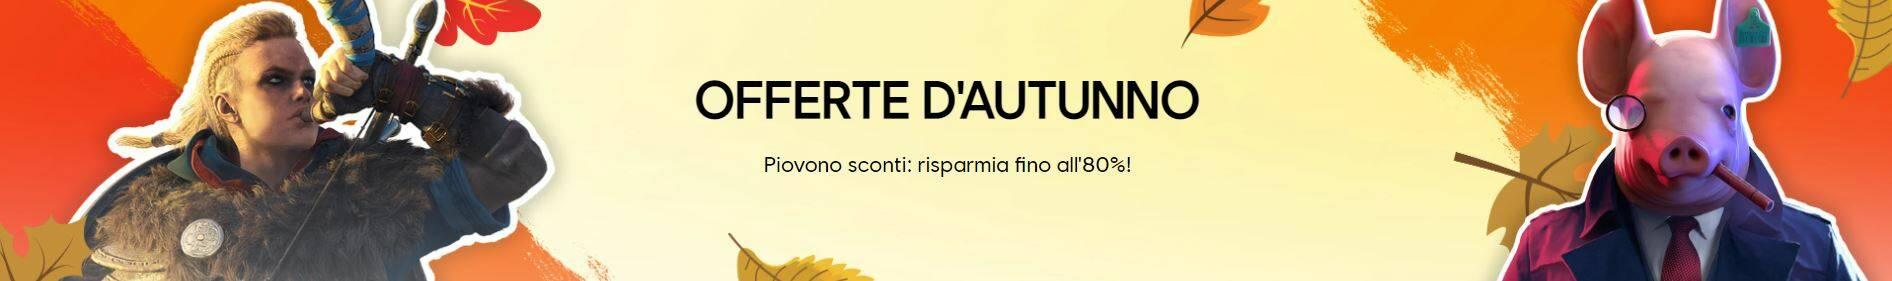 offerte ubisoft autunno